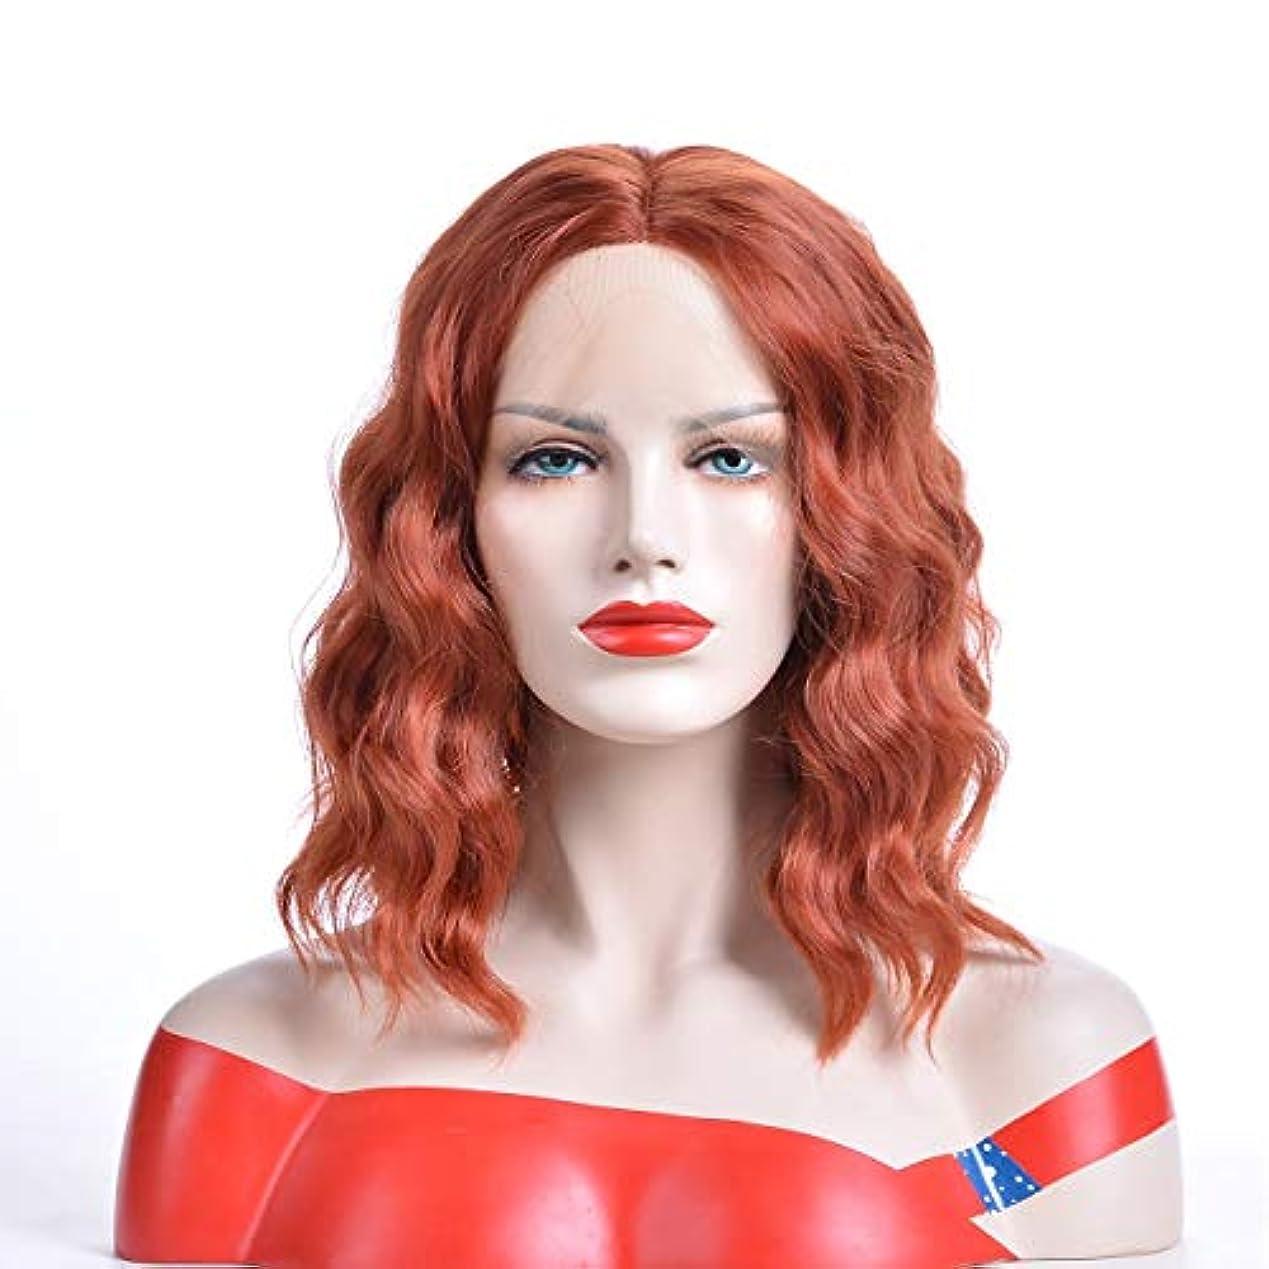 スペードホスト漏斗YOUQIU 21「」ショート波状カーリーブロンドレッド女性の女の子の魅力的な合成かつらコスプレハロウィンウィッグ耐熱ボブ?パーティーウィッグウィッグ (色 : Blonde Red, サイズ : 21